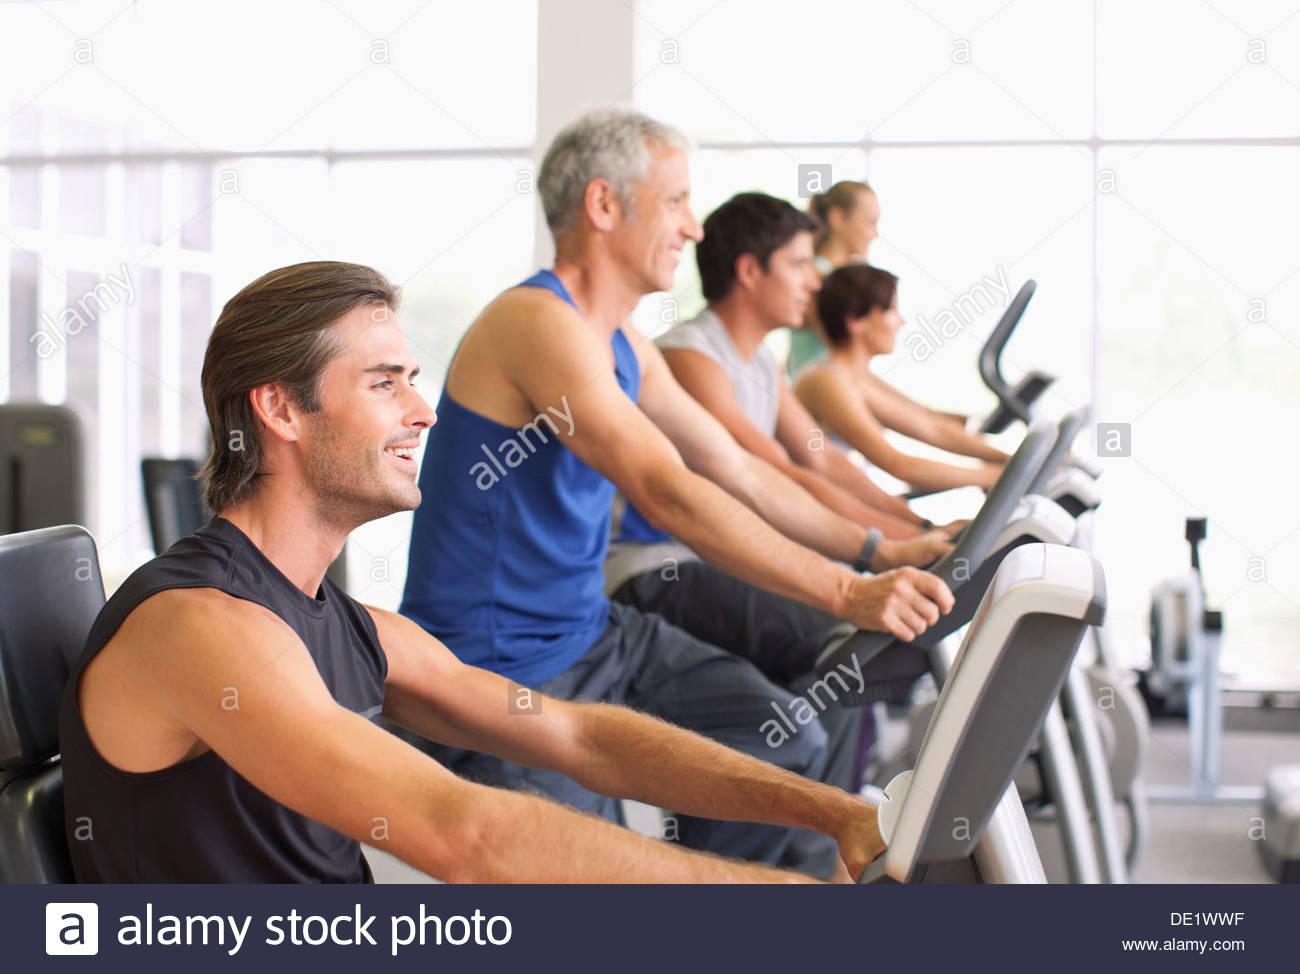 Les personnes travaillant sur des machines d'exercice dans un gymnase Photo Stock